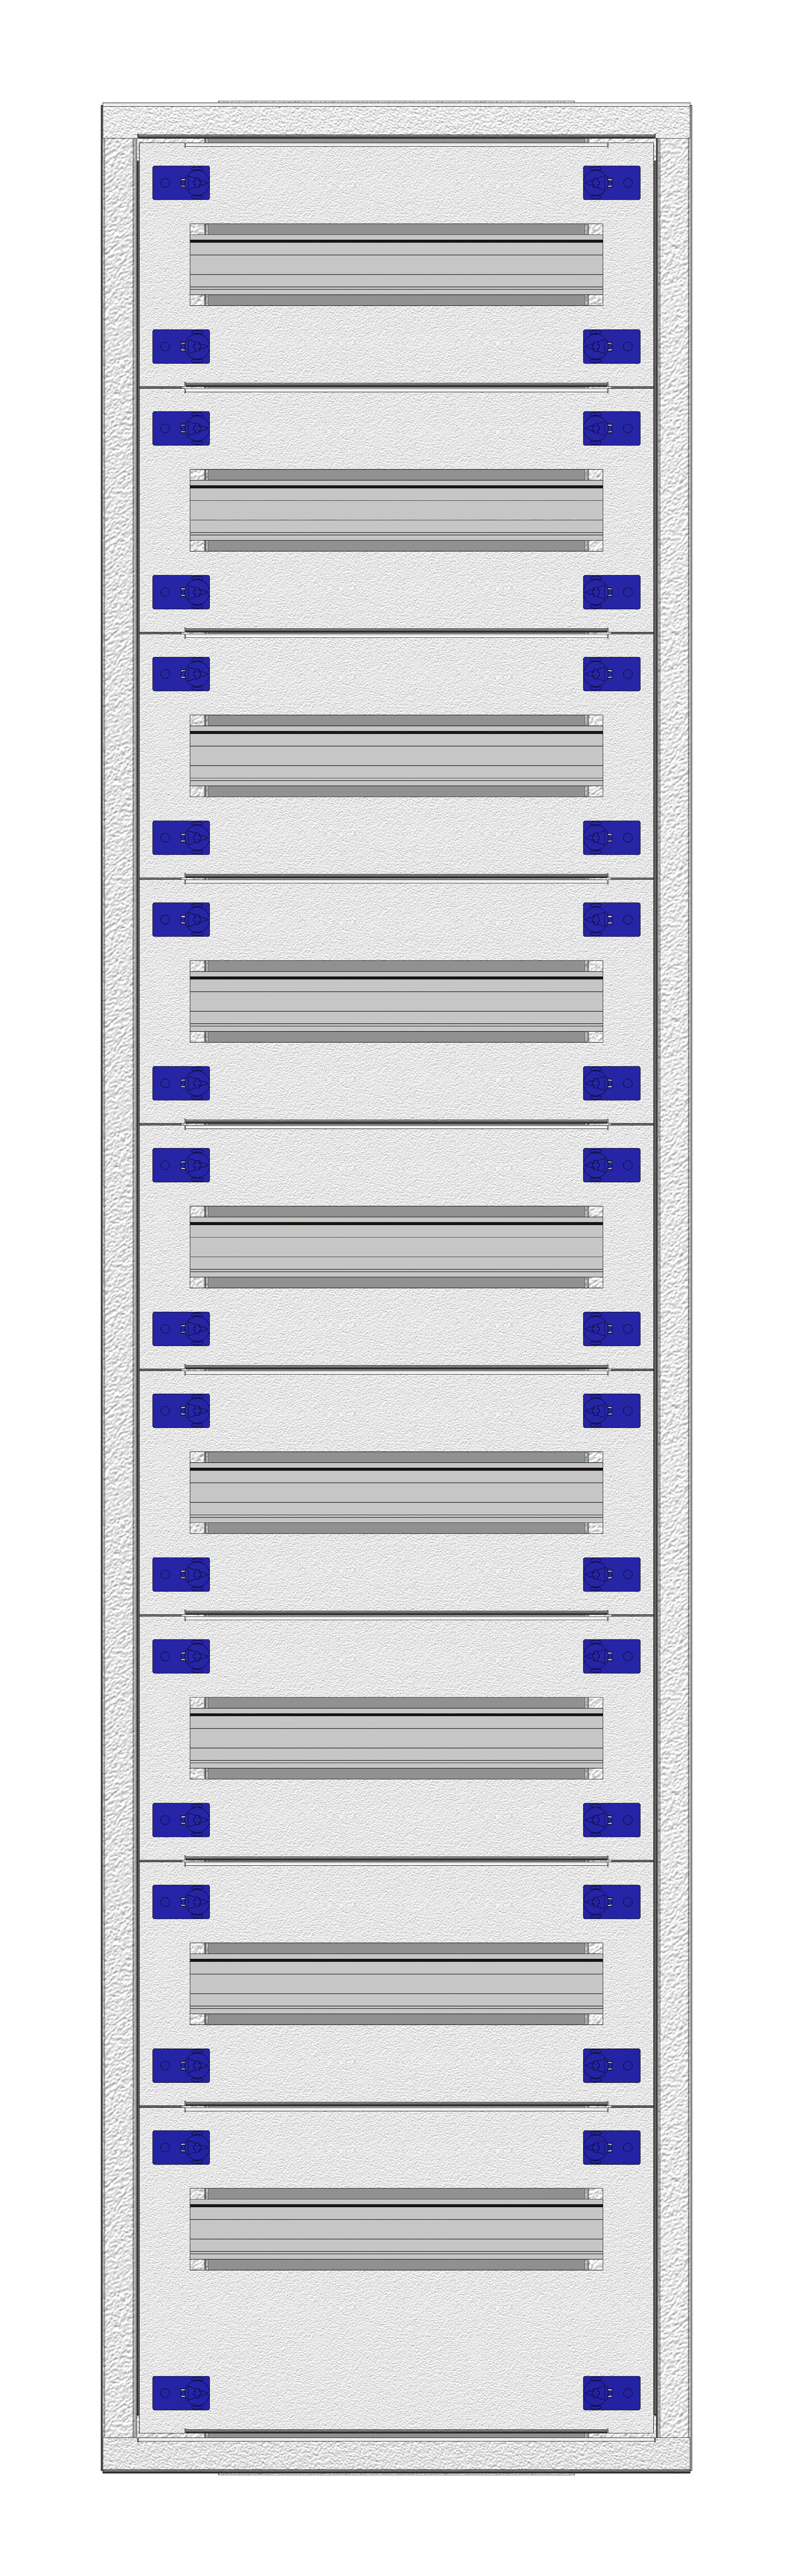 1 Stk Aufputz-Installationsverteiler 1A-28L, H1380B380T250mm IL172128AK